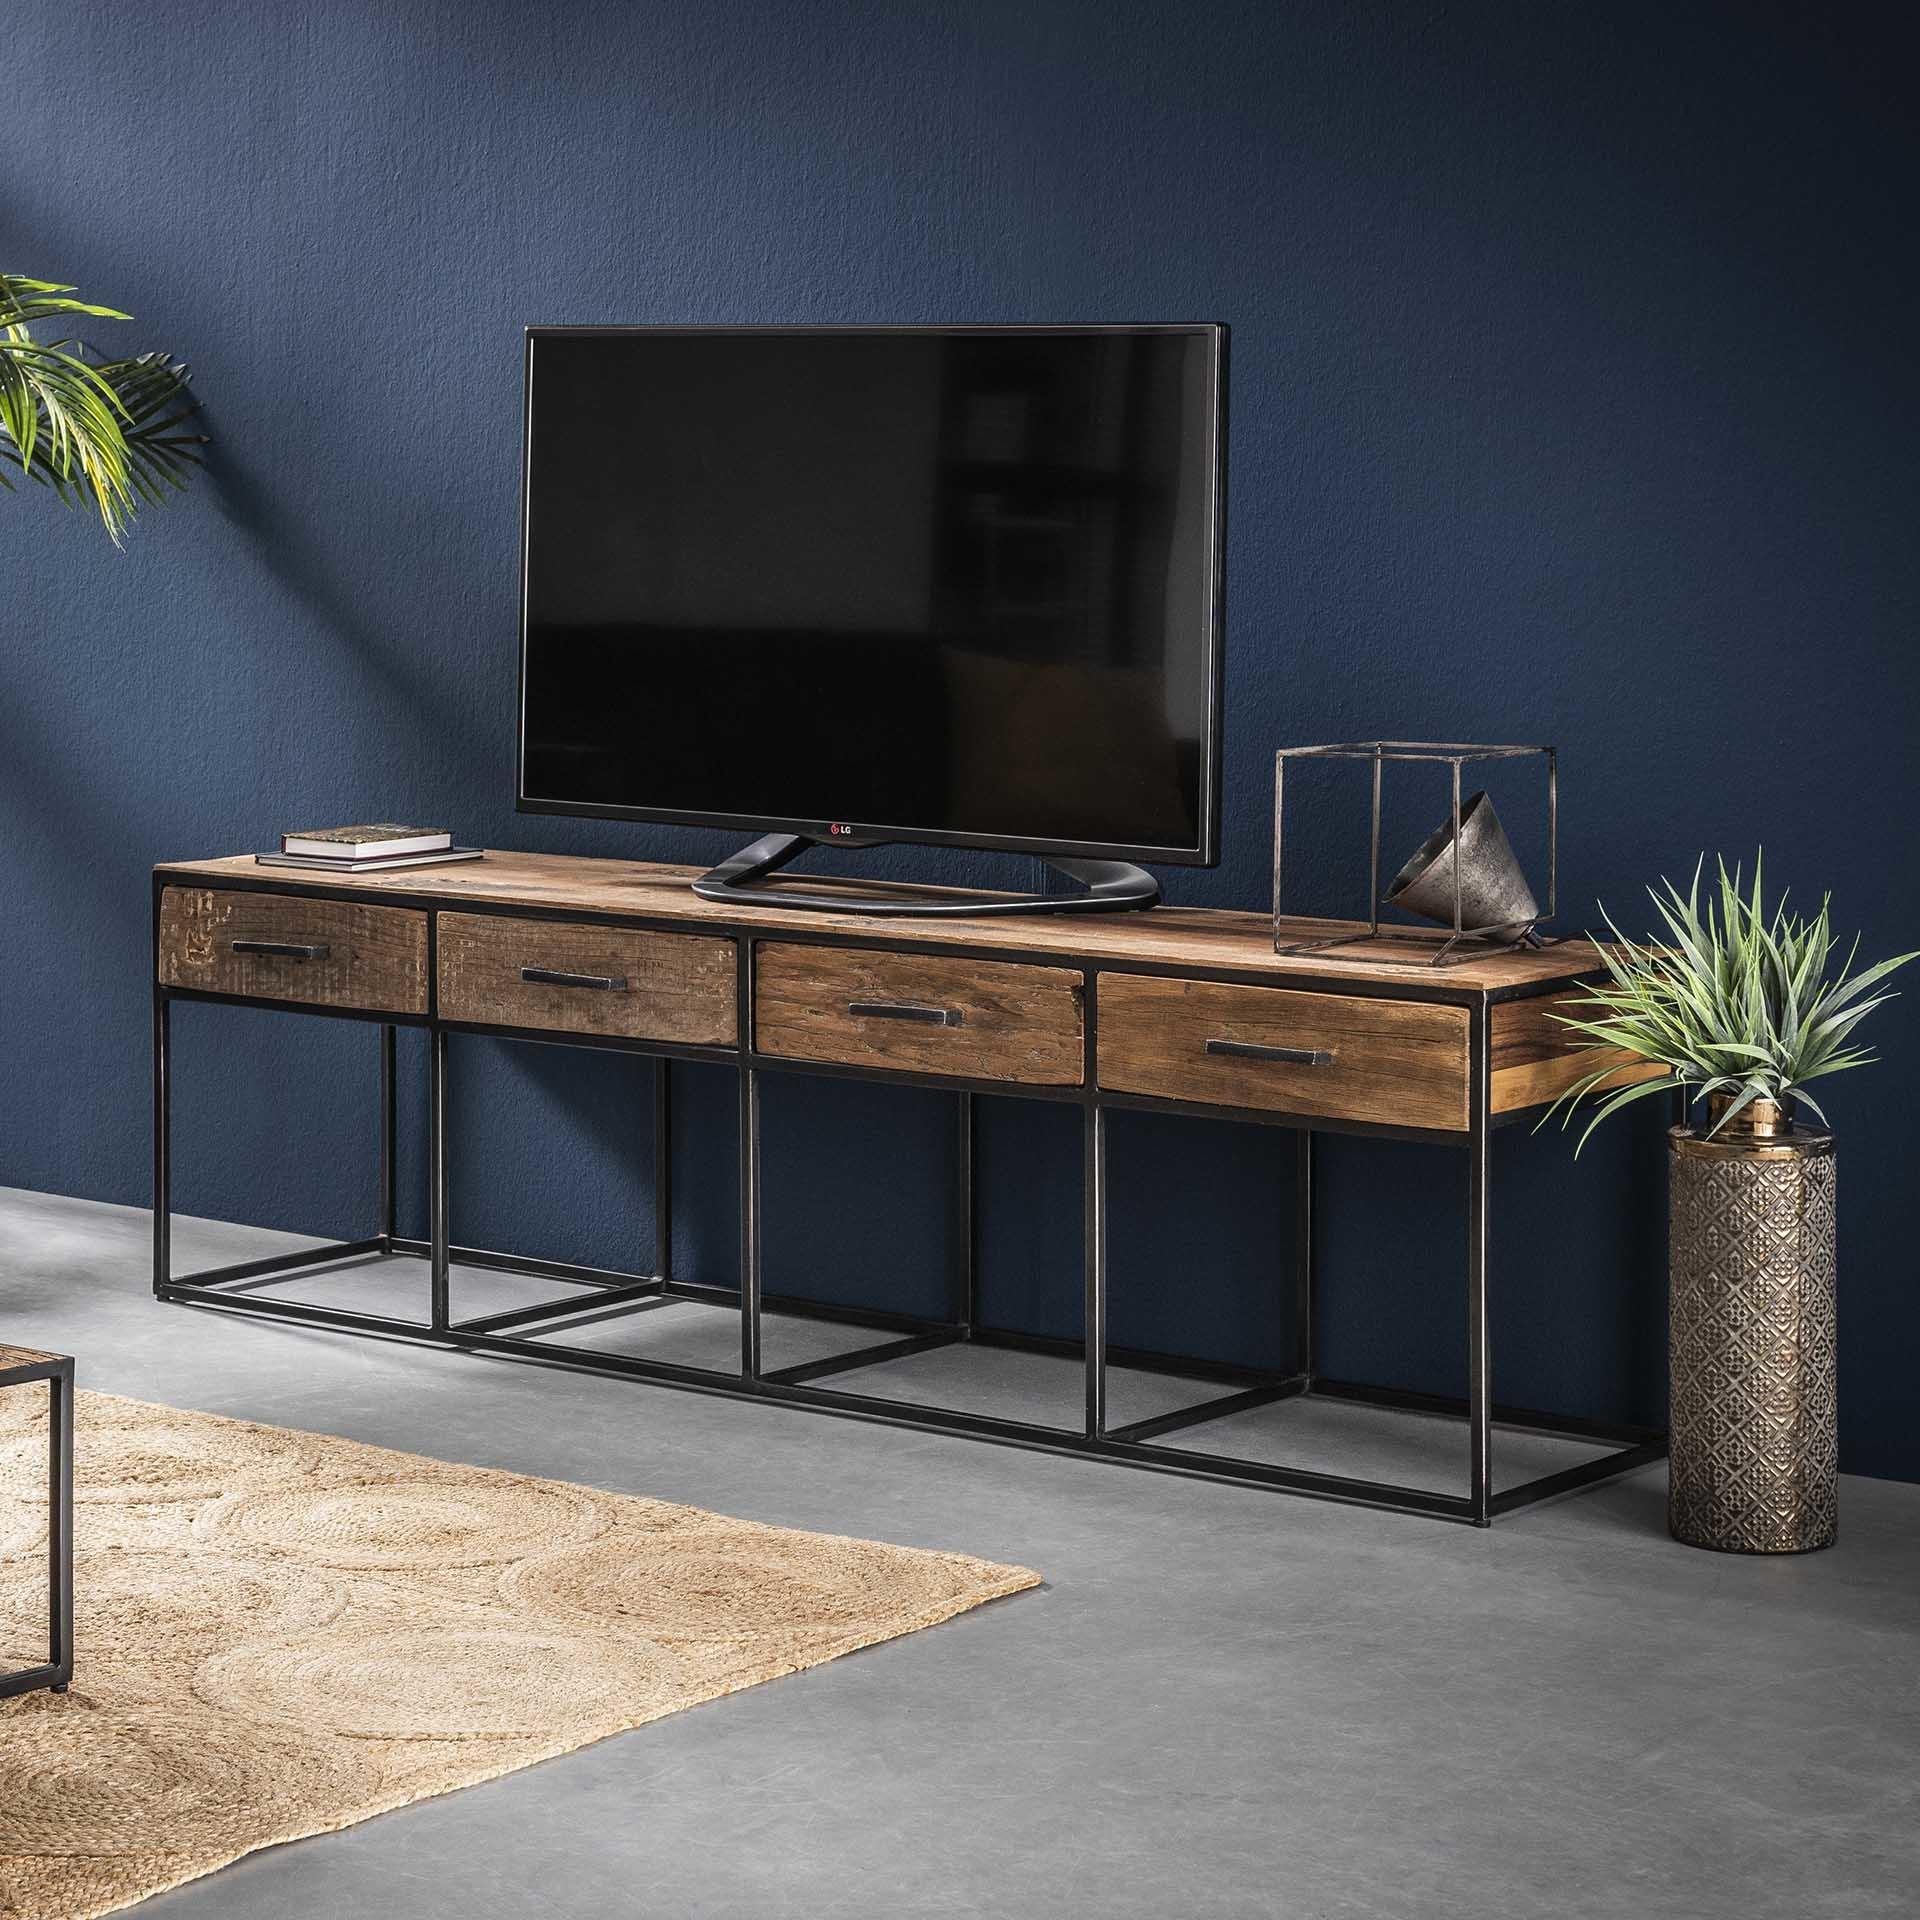 Hardhouten Tv Kast.Industrieel Tv Meubel Floor Hardhout 4 Lades Gratis Bezorgd